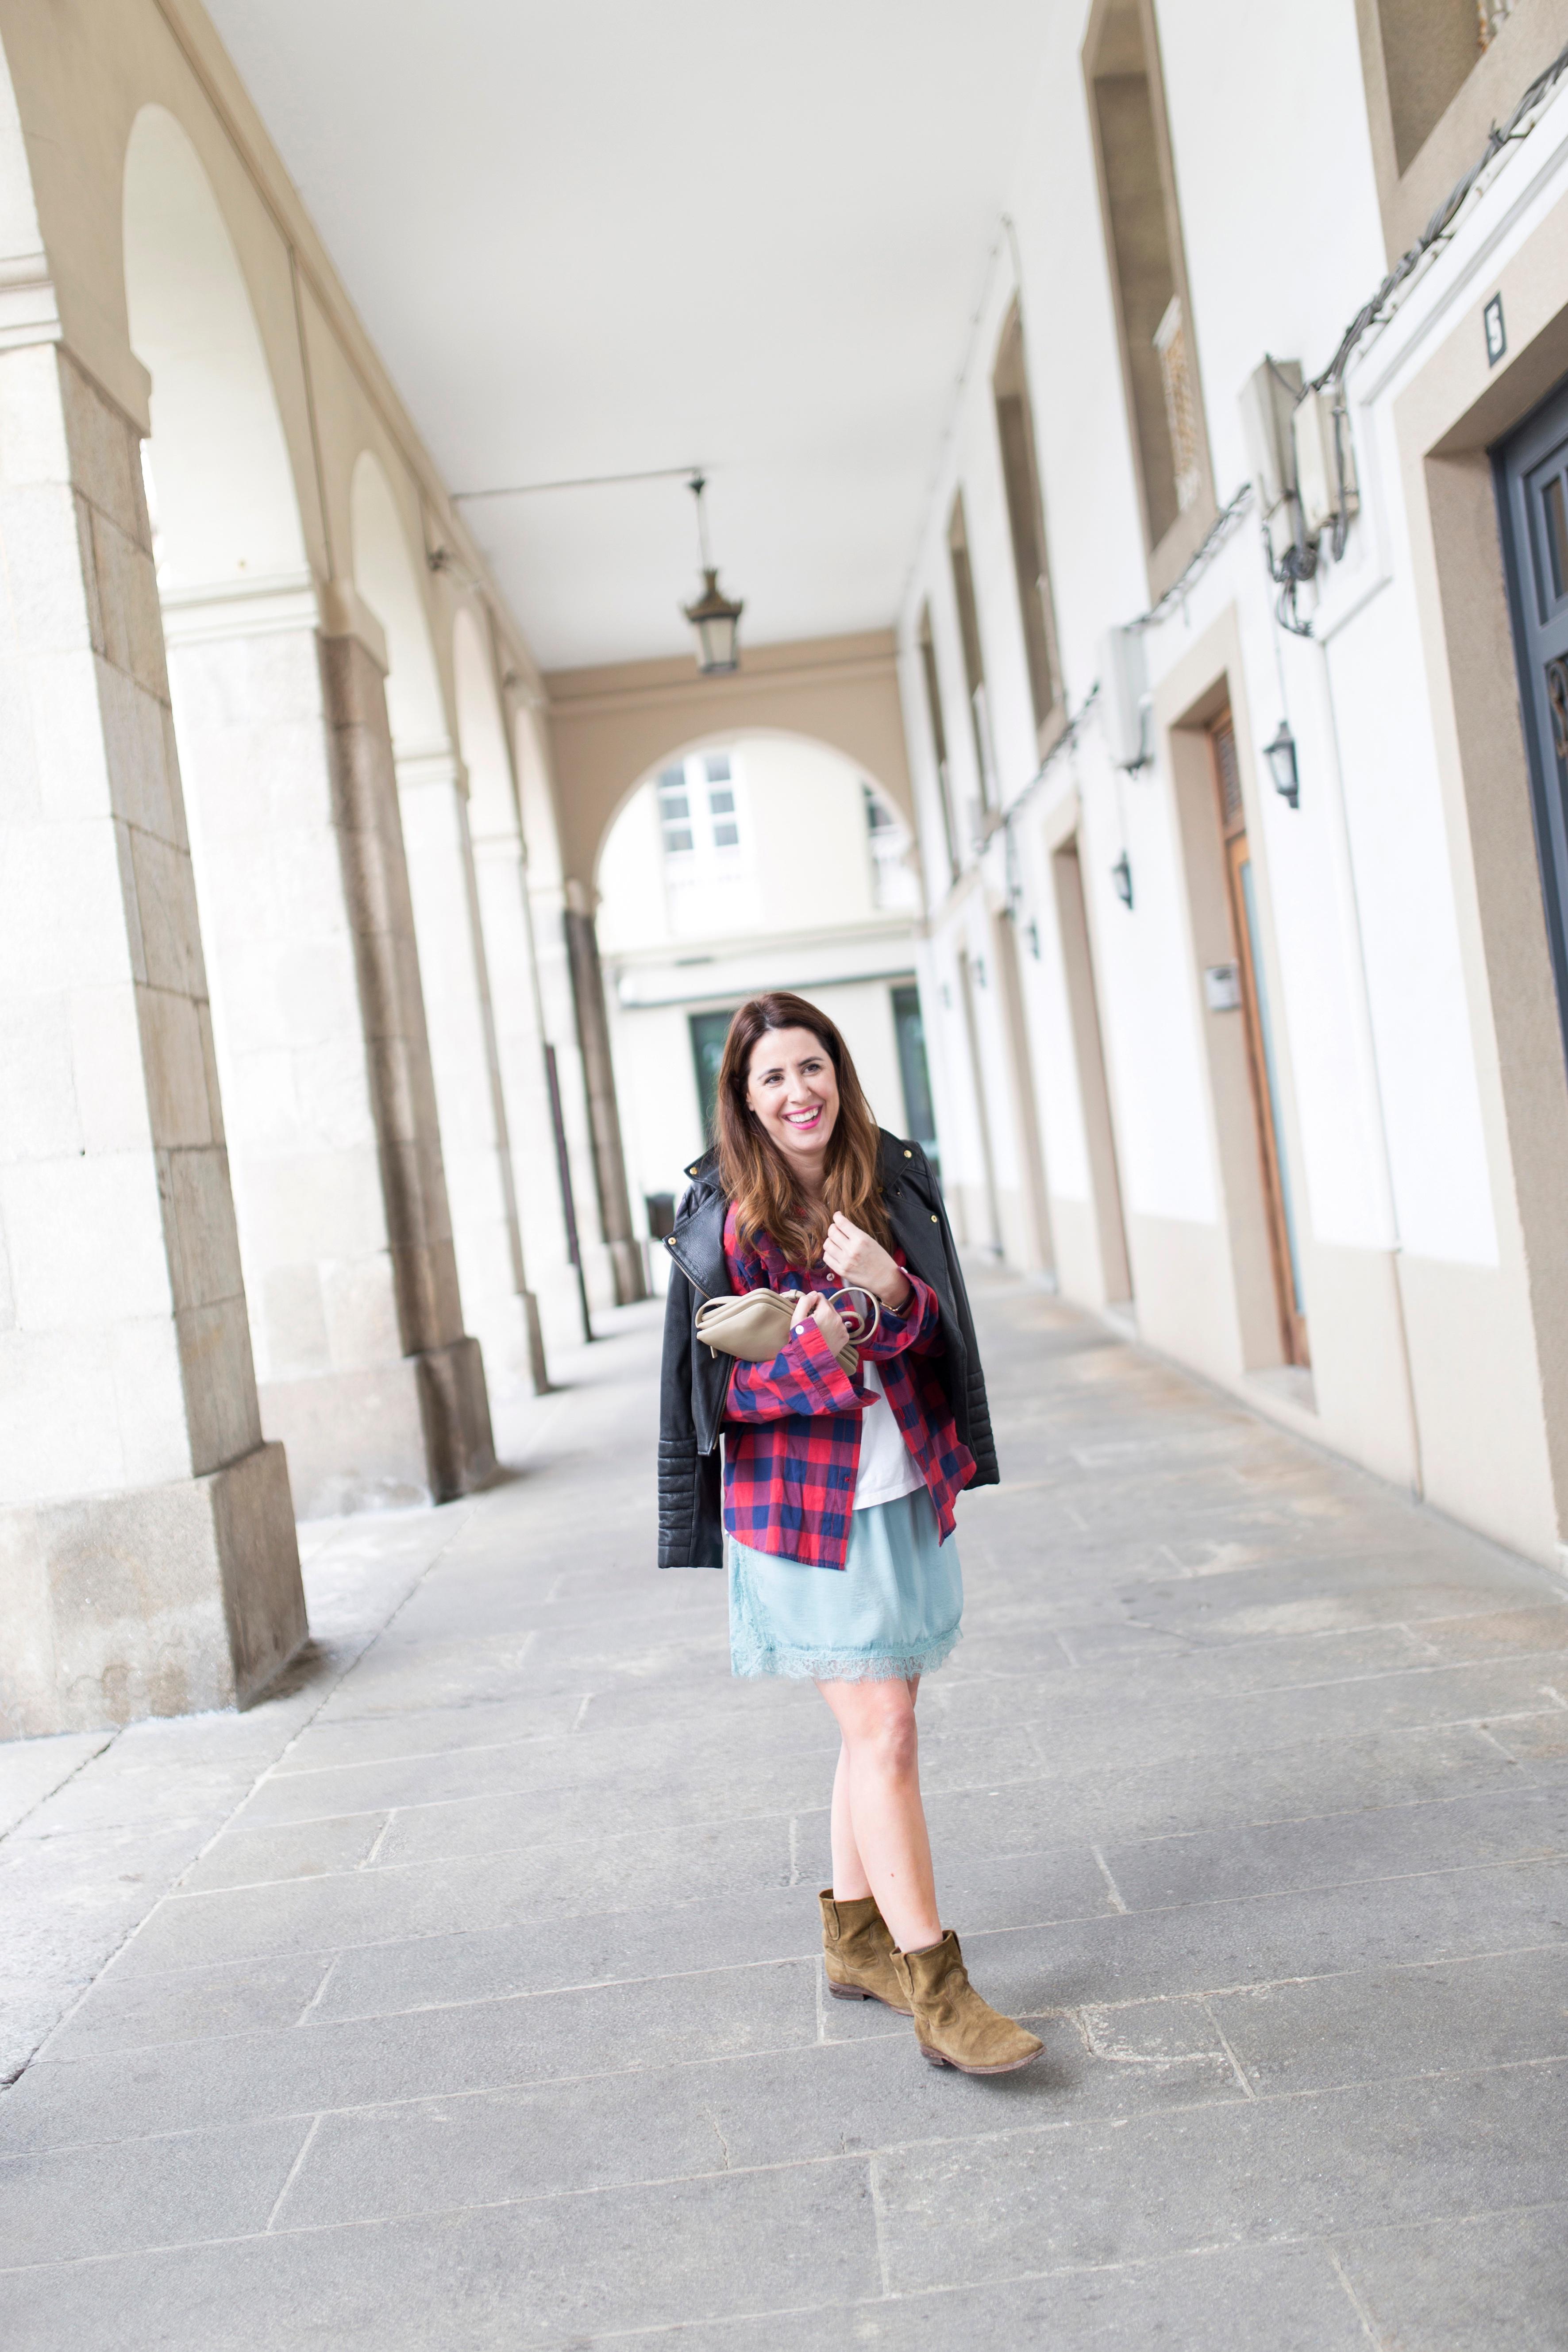 coruña-streetstyle-isabel marant-boots-blogger-trio bag-céline-fashion-descalzaporelparque-moda-calle-zara-perfecto